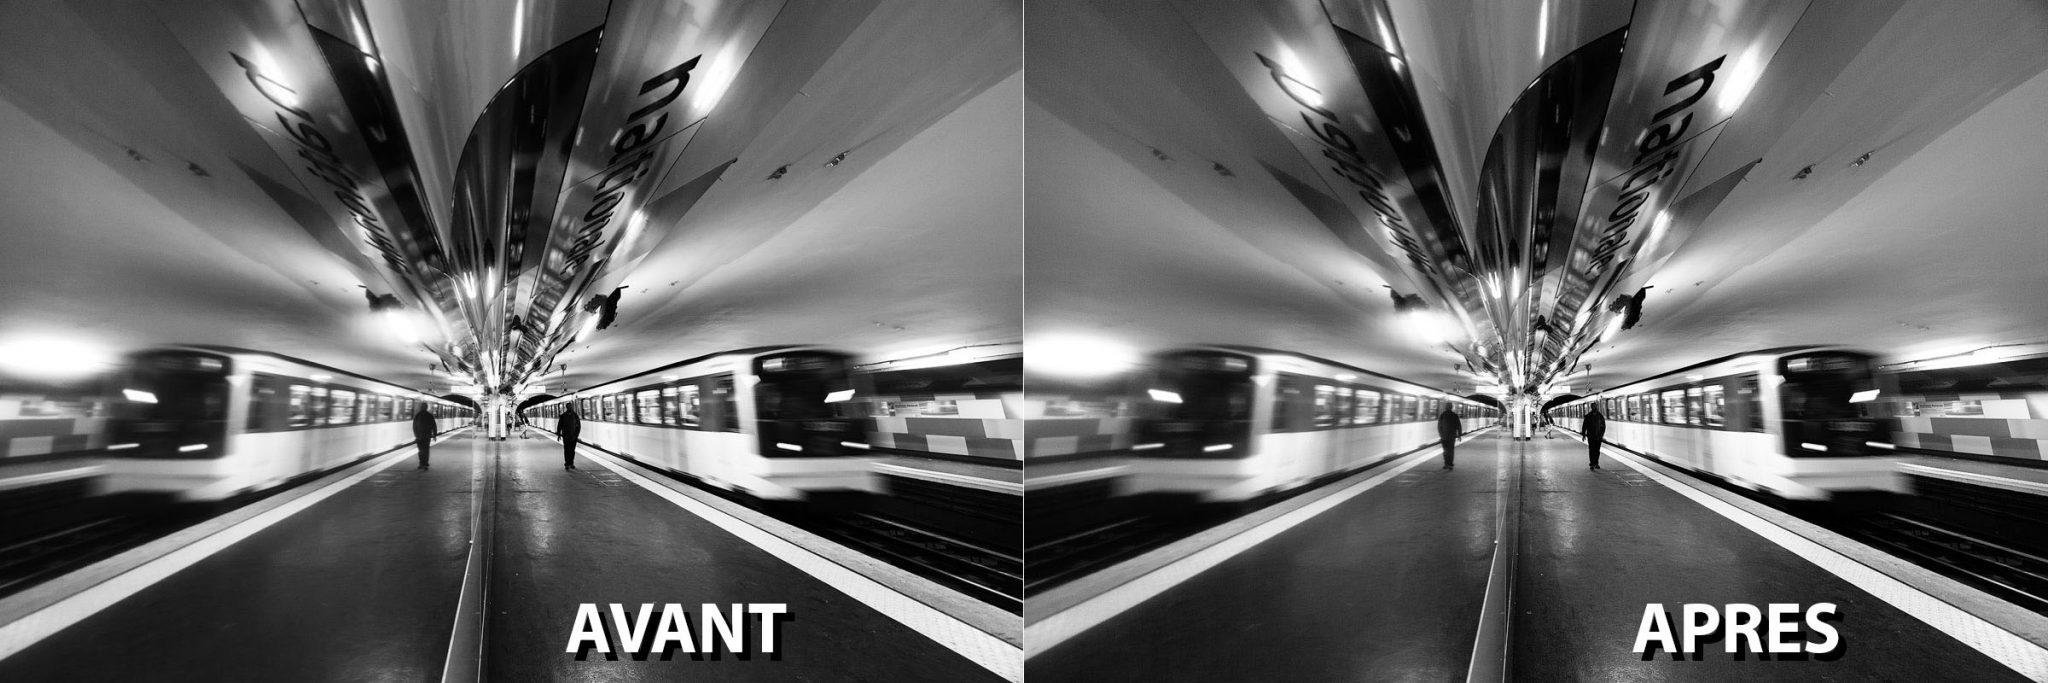 Comparatif nb   Pierre-Louis Ferrer Photographie   Nuances de gris